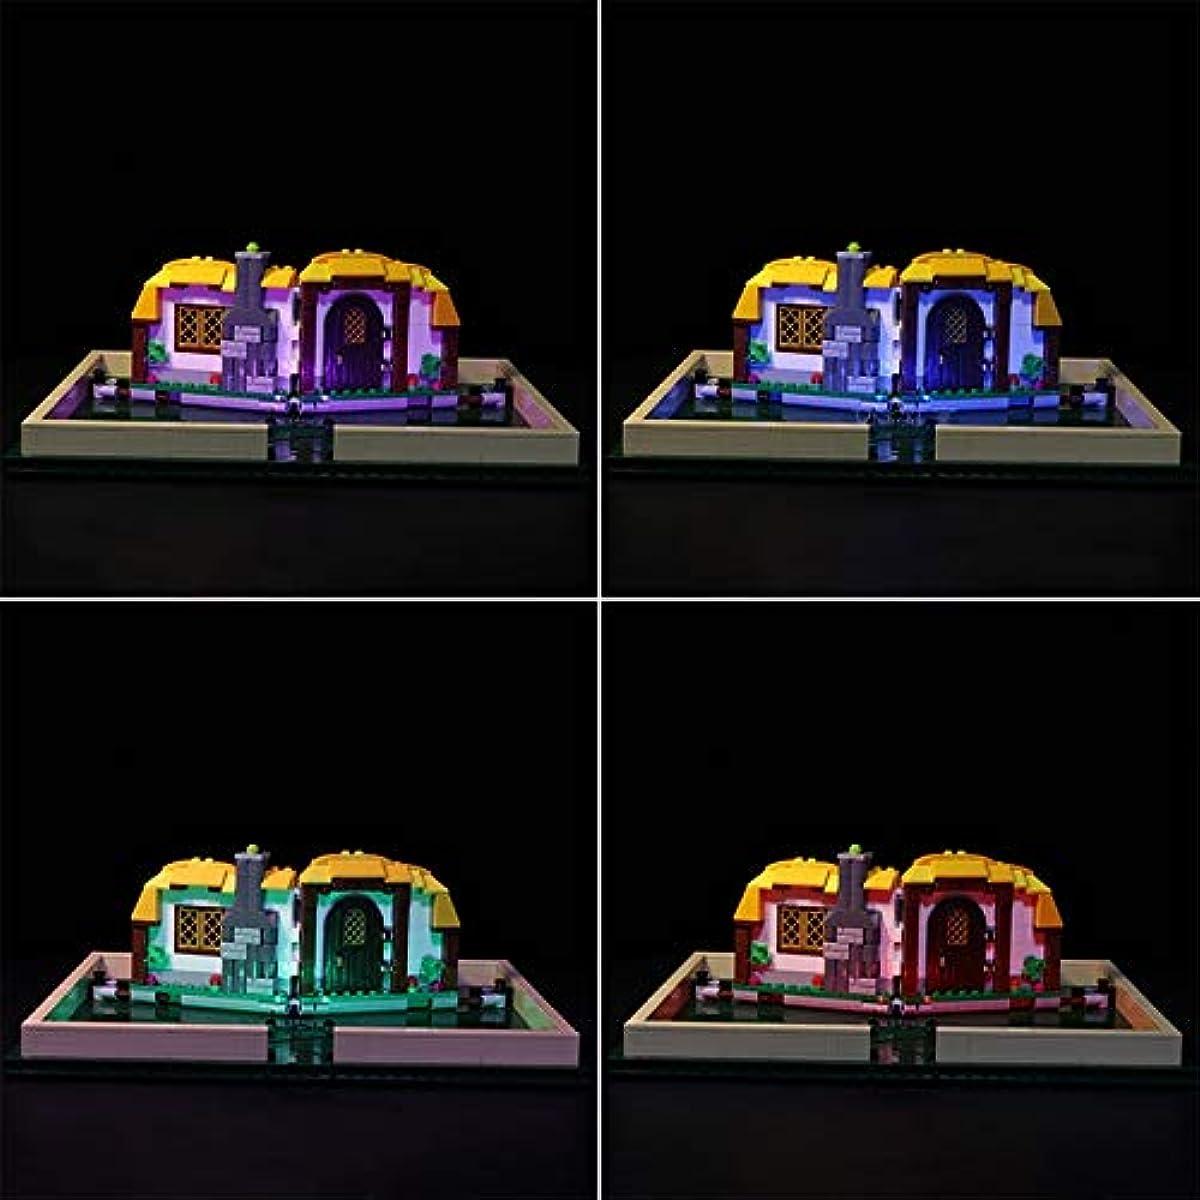 [해외] LEGO 레고 아이디어 21315 호환 뛰어나가는 걸어 그림책 LED 라이트 키트